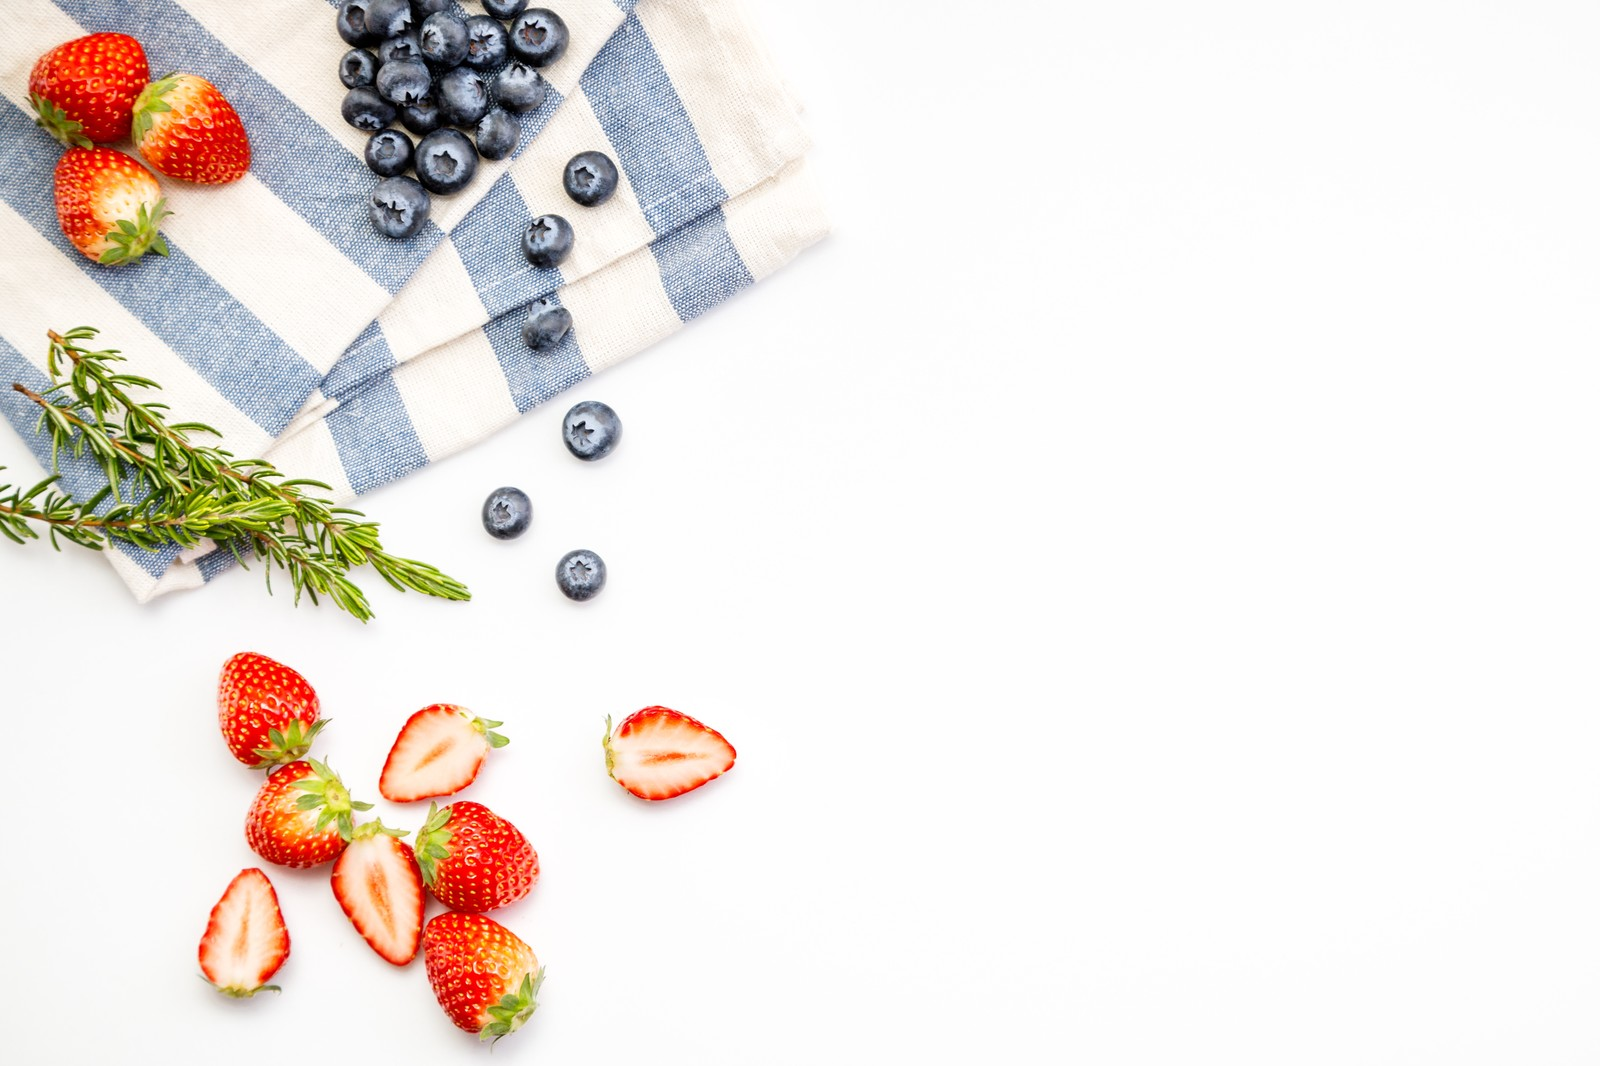 「鮮やかな苺とブルーベリー鮮やかな苺とブルーベリー」のフリー写真素材を拡大